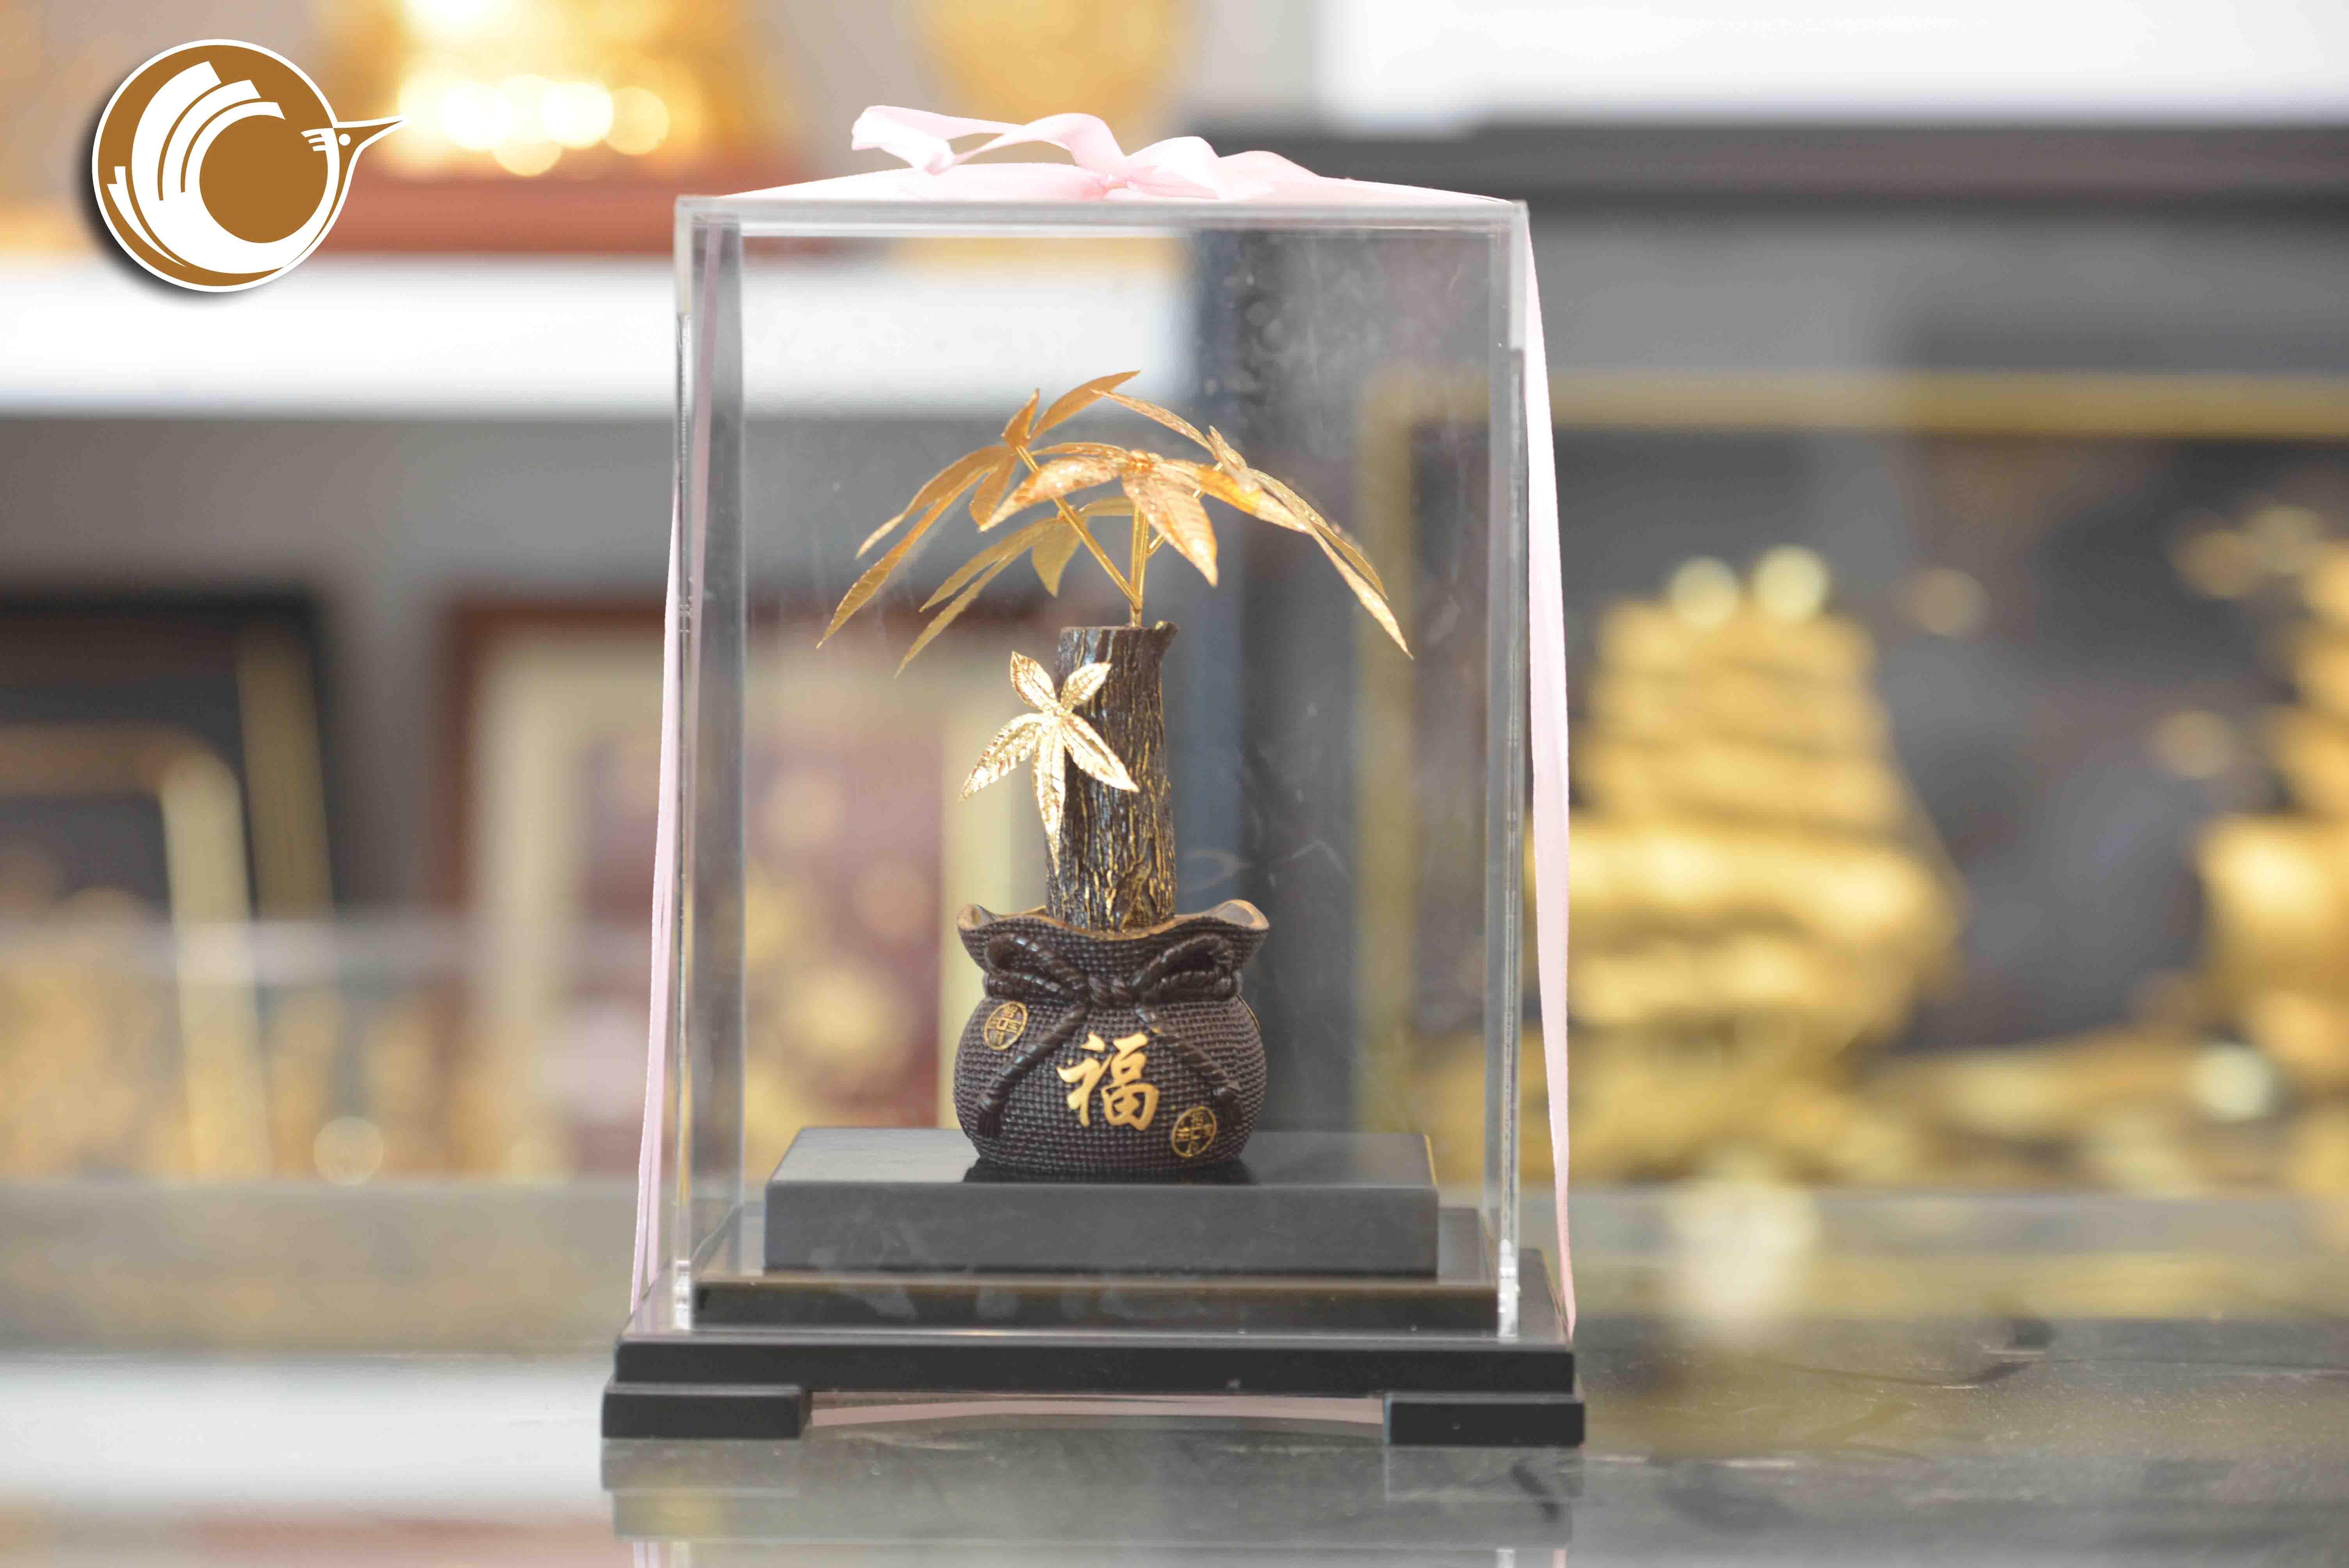 Giá bán cây kim ngân bằng vàng lá 24k, quà tặng đẹp và ý nghĩa